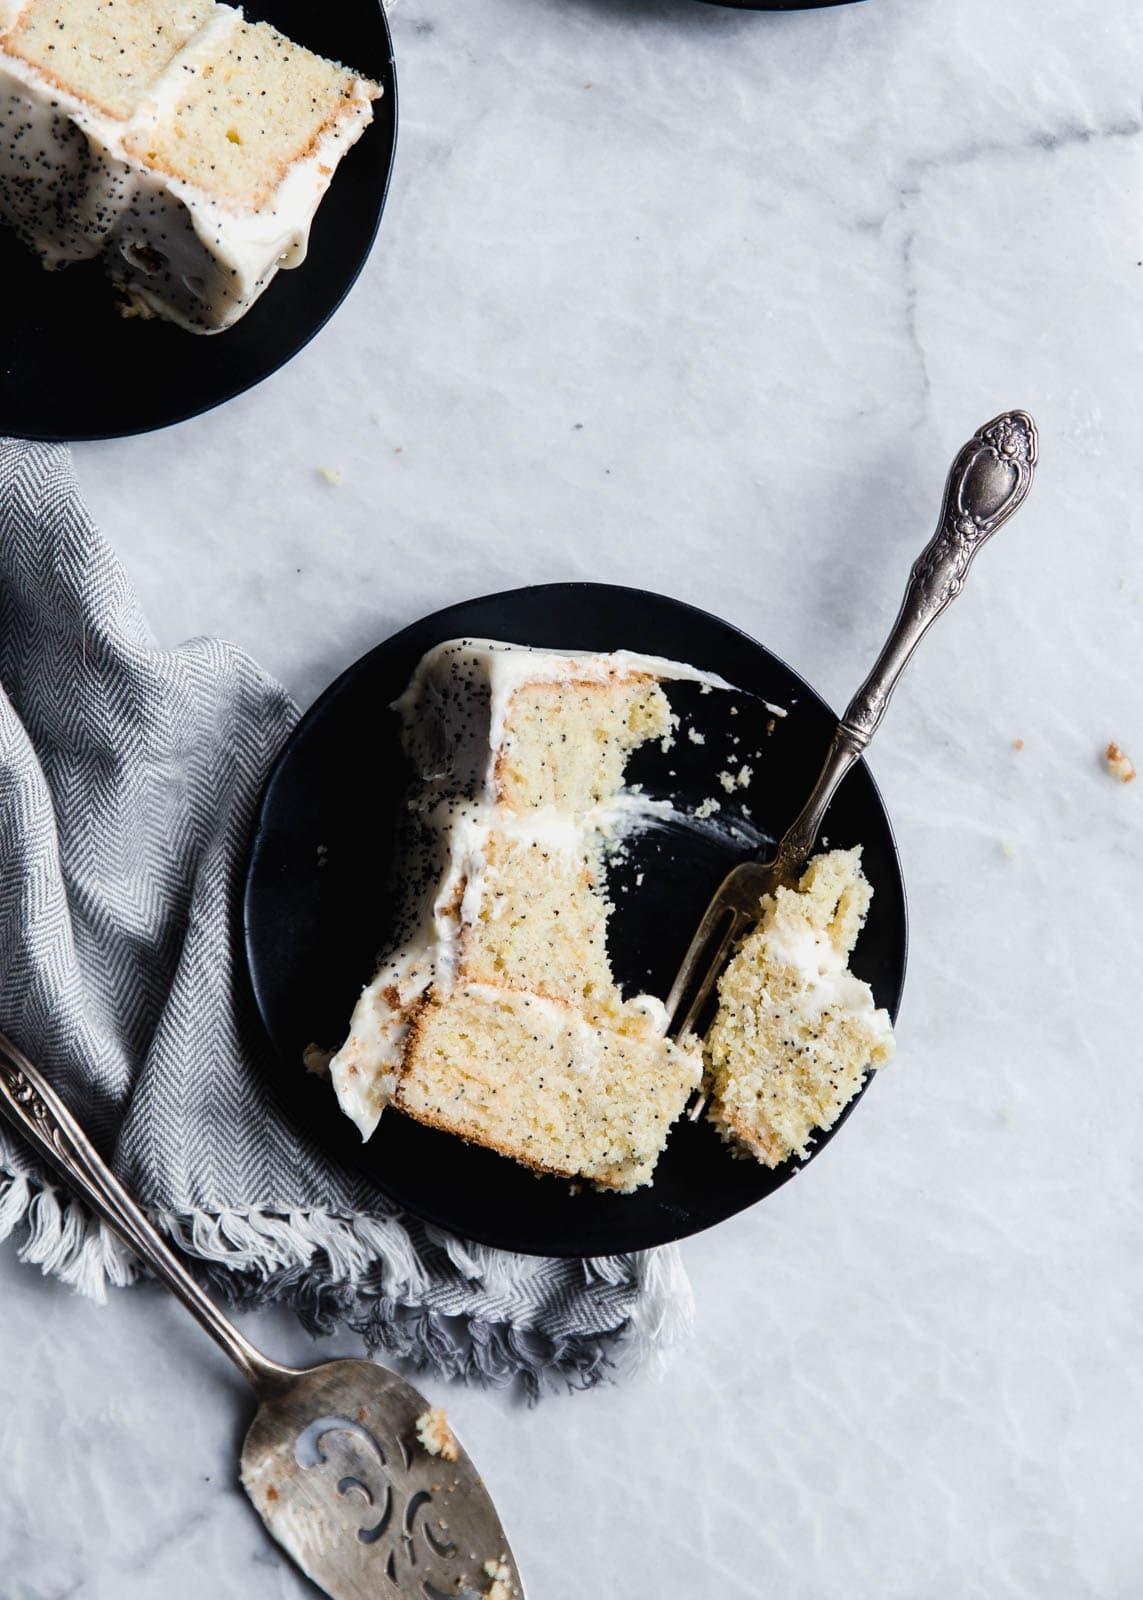 slice of lemon poppy seed cake on plate